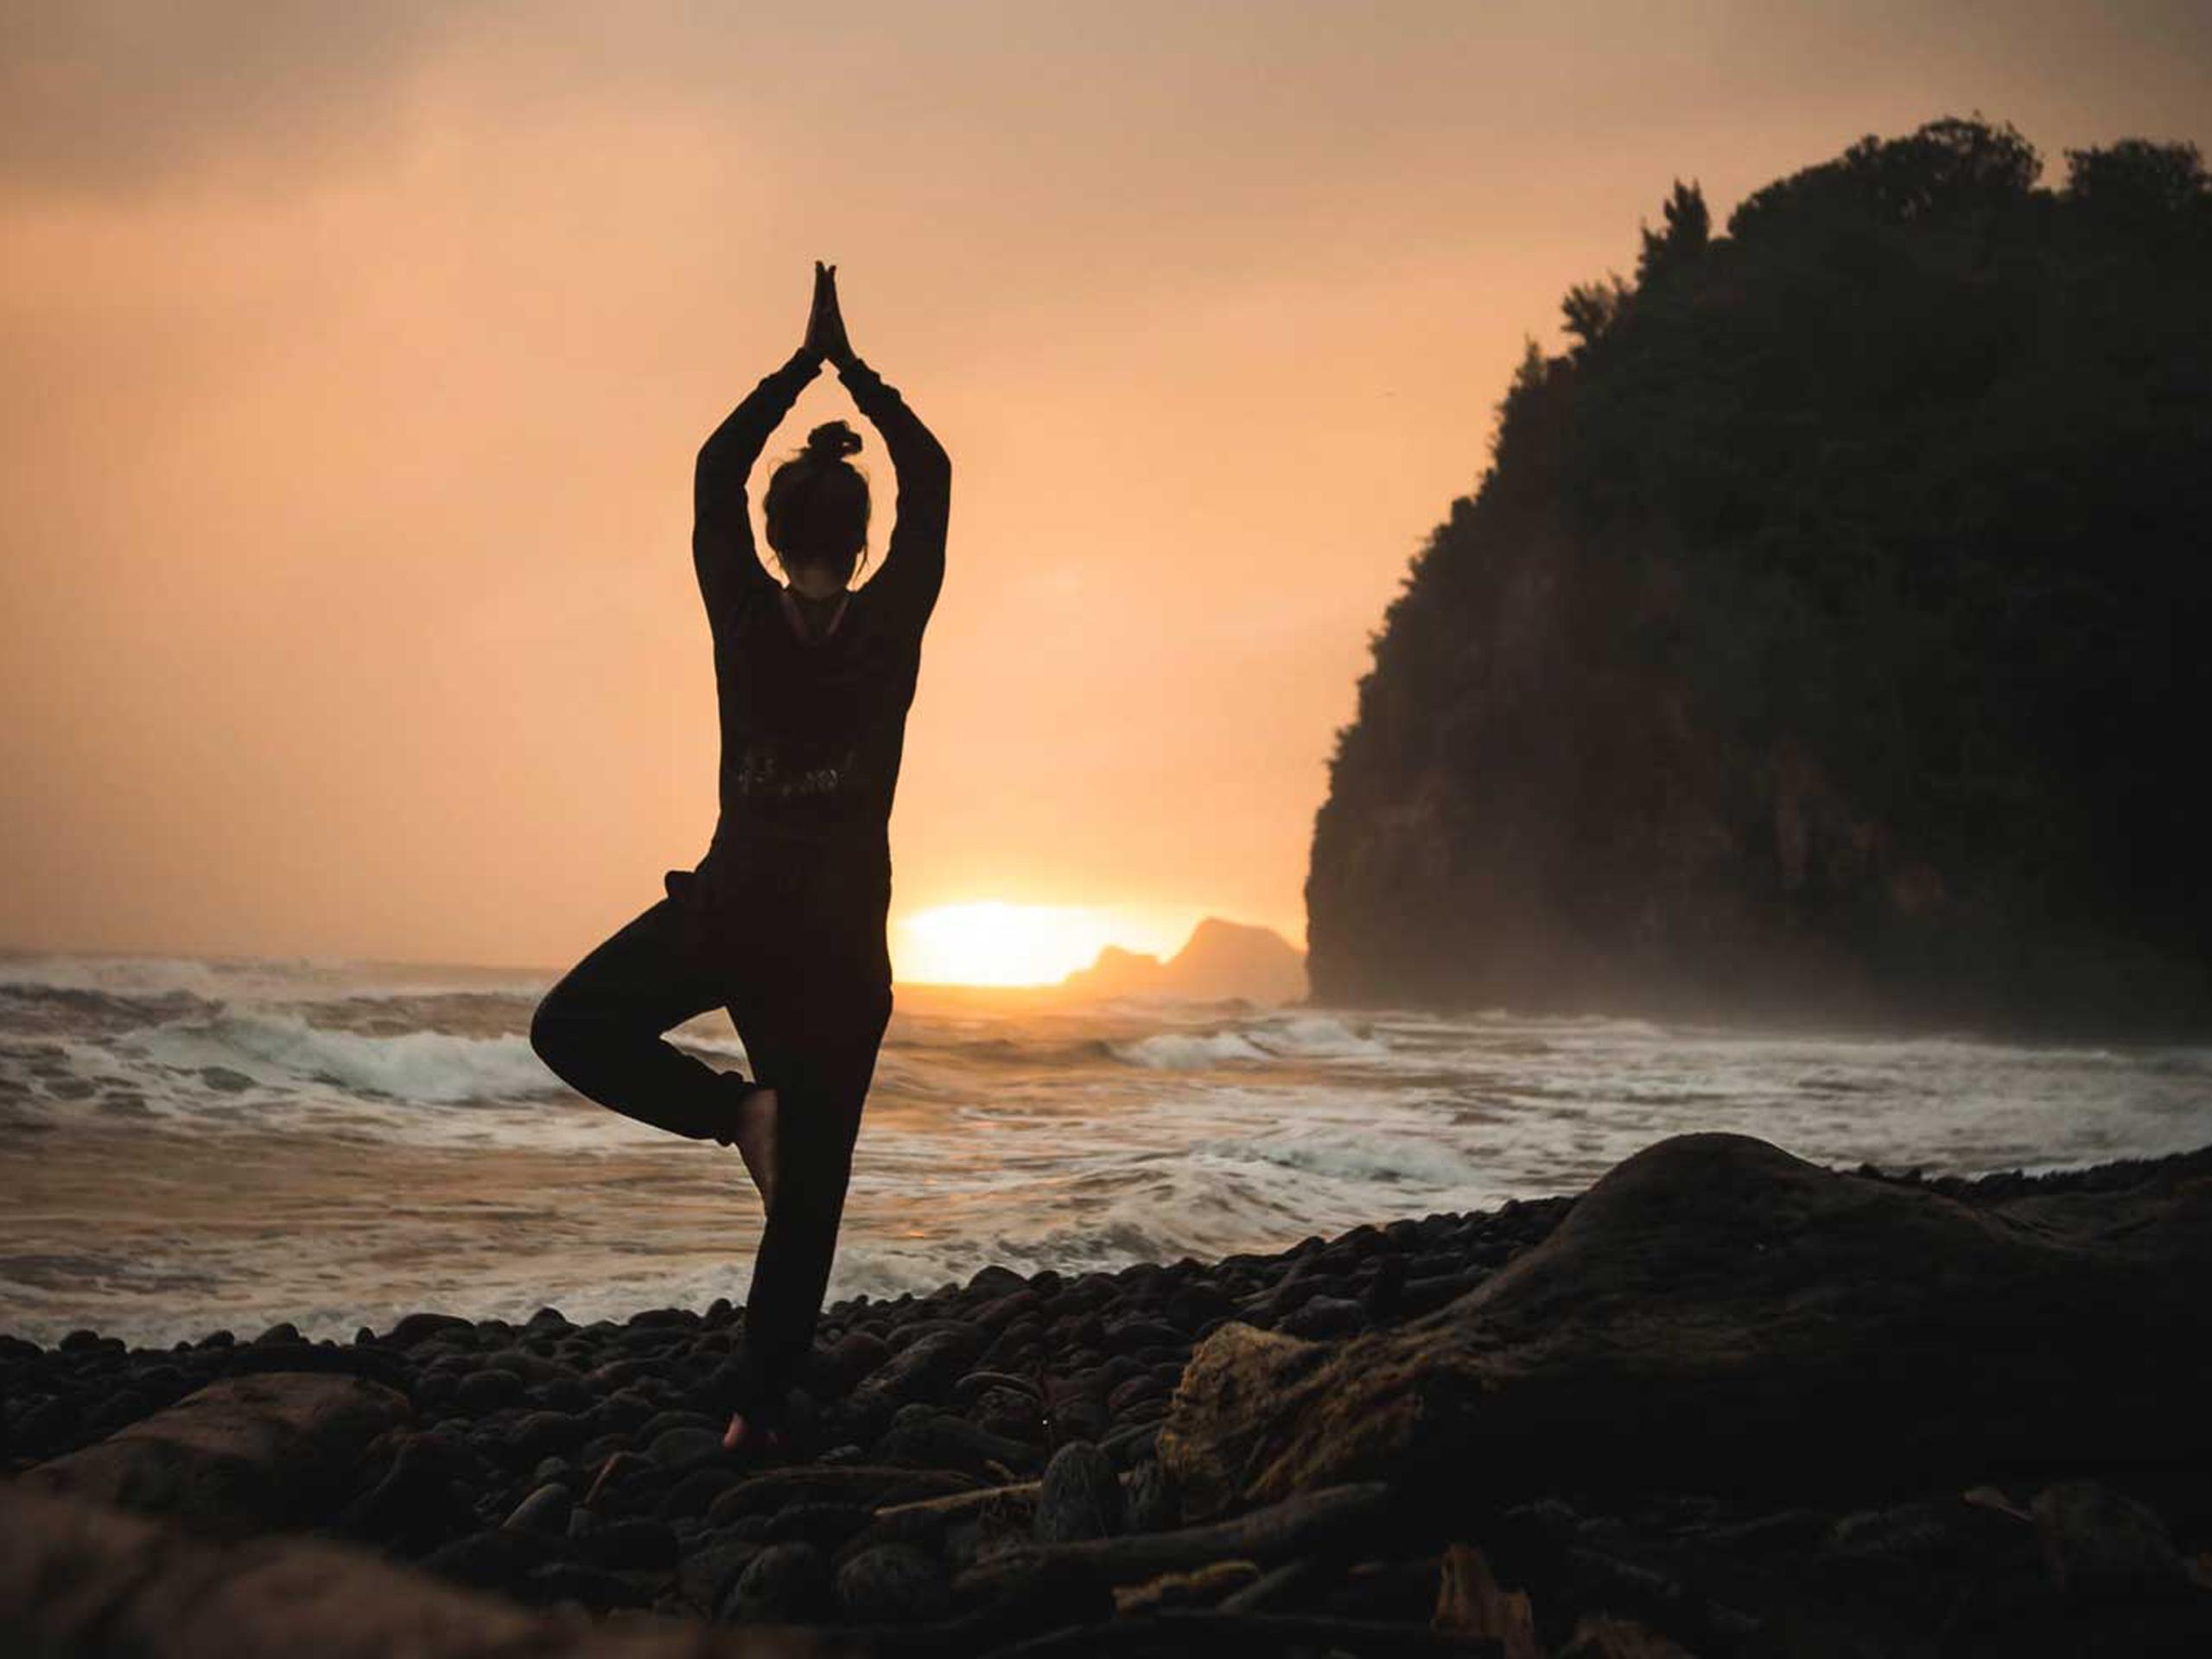 Sunset yoga on the coast